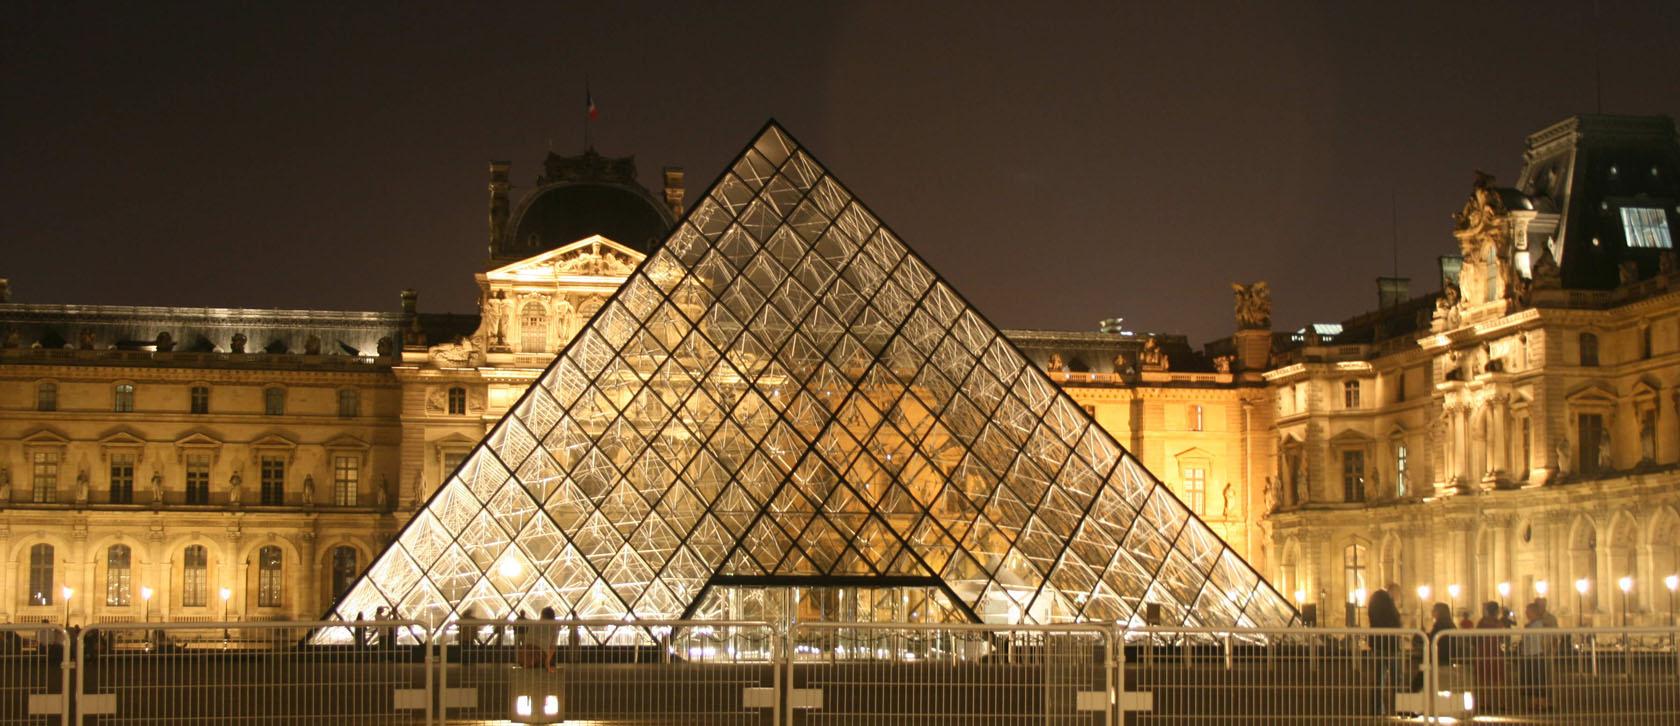 卢浮宫外的金字塔 - 健康生活